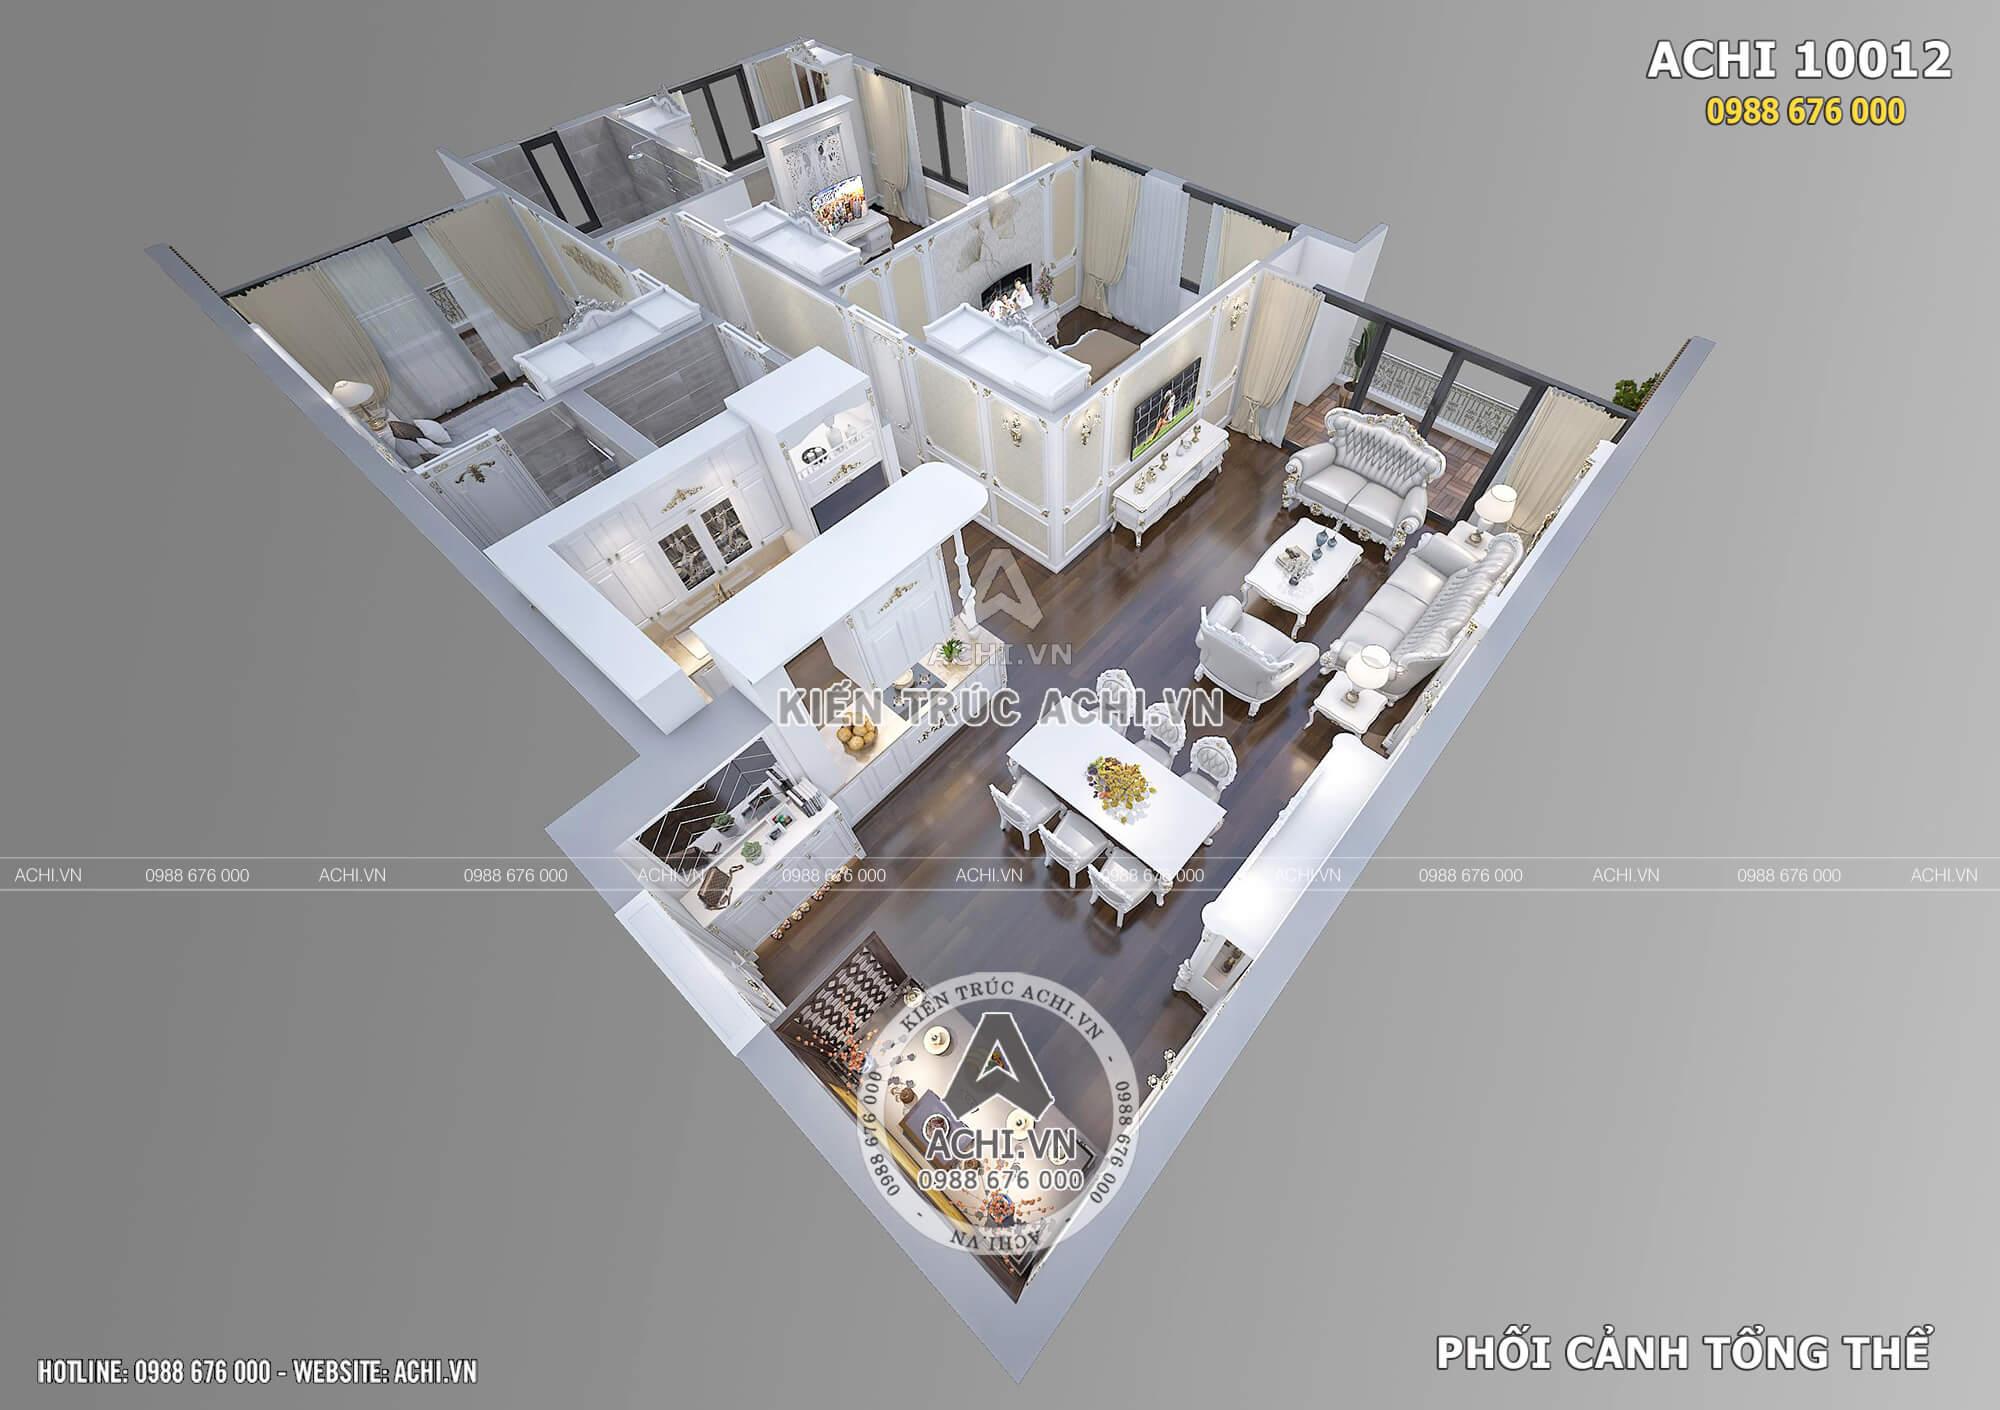 Phối cảnh 3D tổng thể tầng 1 thiết kế nội thất tân cổ điển biệt thự ACHI 10012